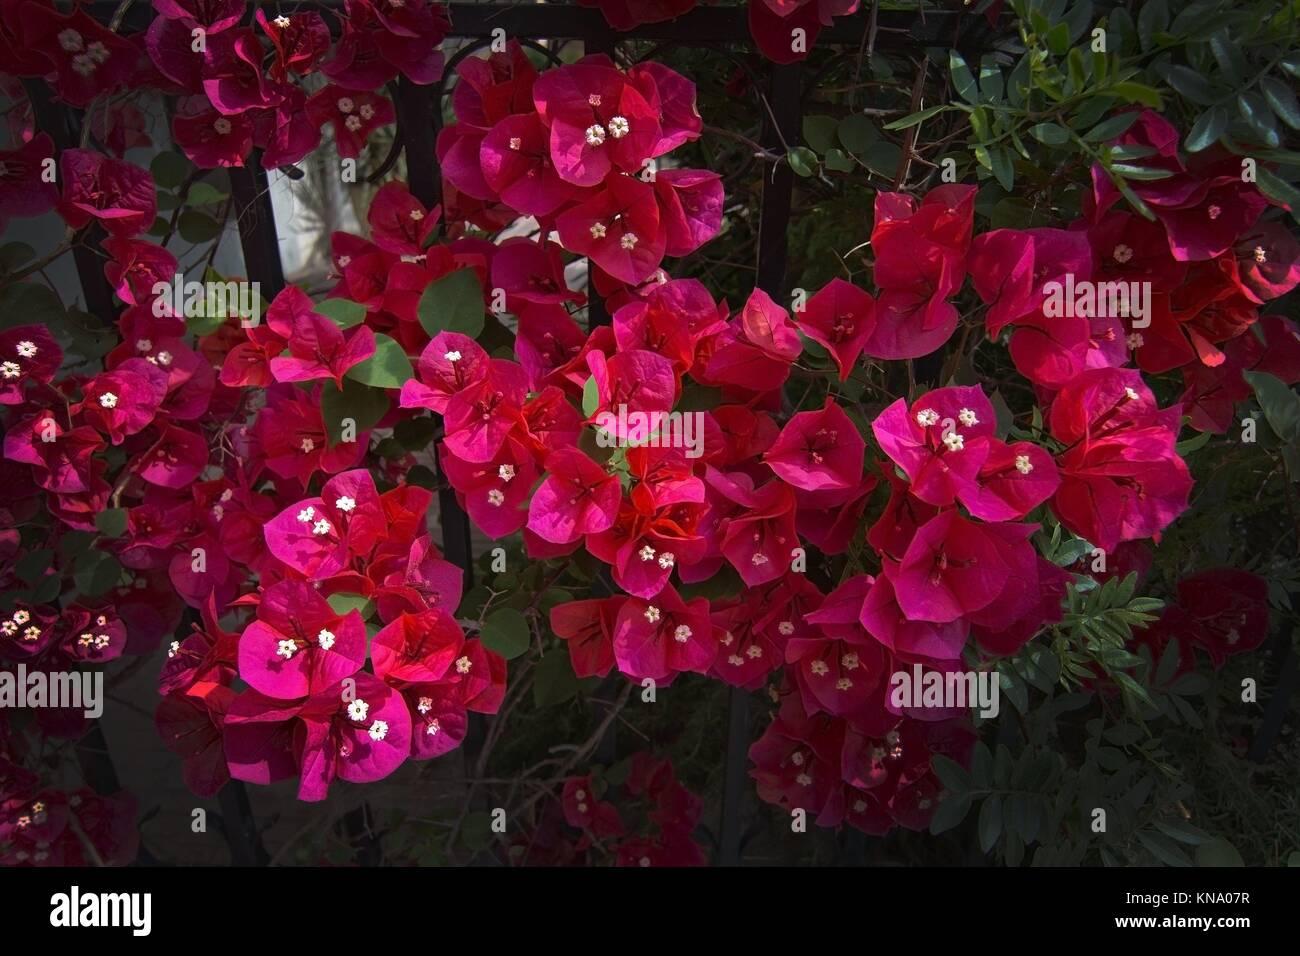 Rote Bougainvillea Blumen Closeup in Palma De Mallorca im Juni Stockfoto Bild 168020827  Alamy